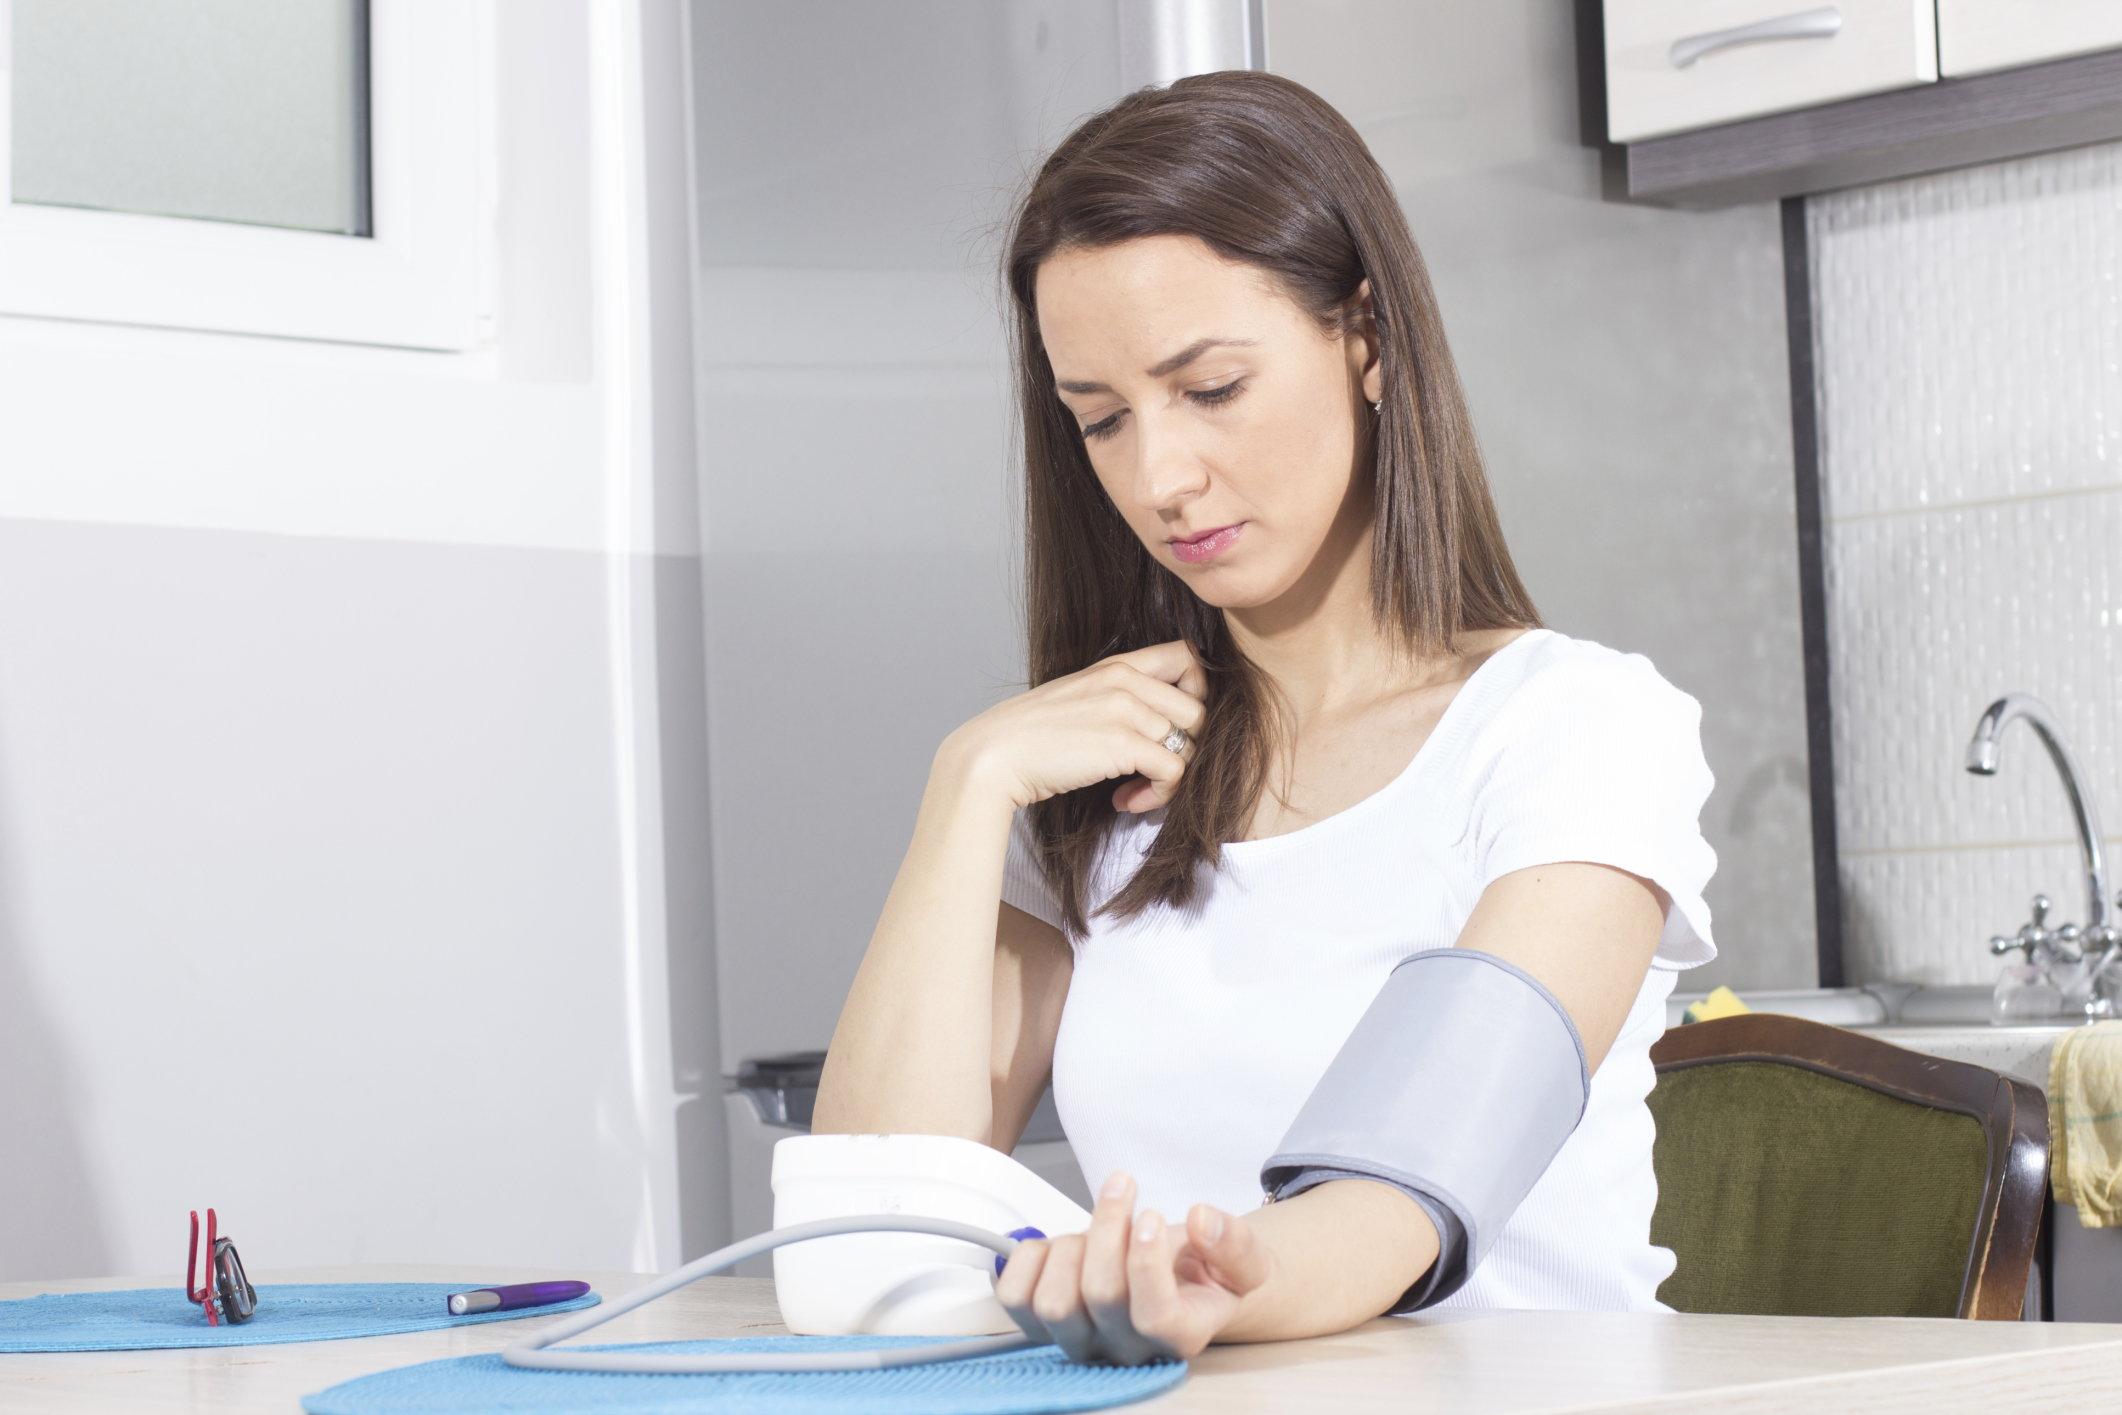 mi provokálhatja a magas vérnyomás támadását magas vérnyomás férfiak jeleiben